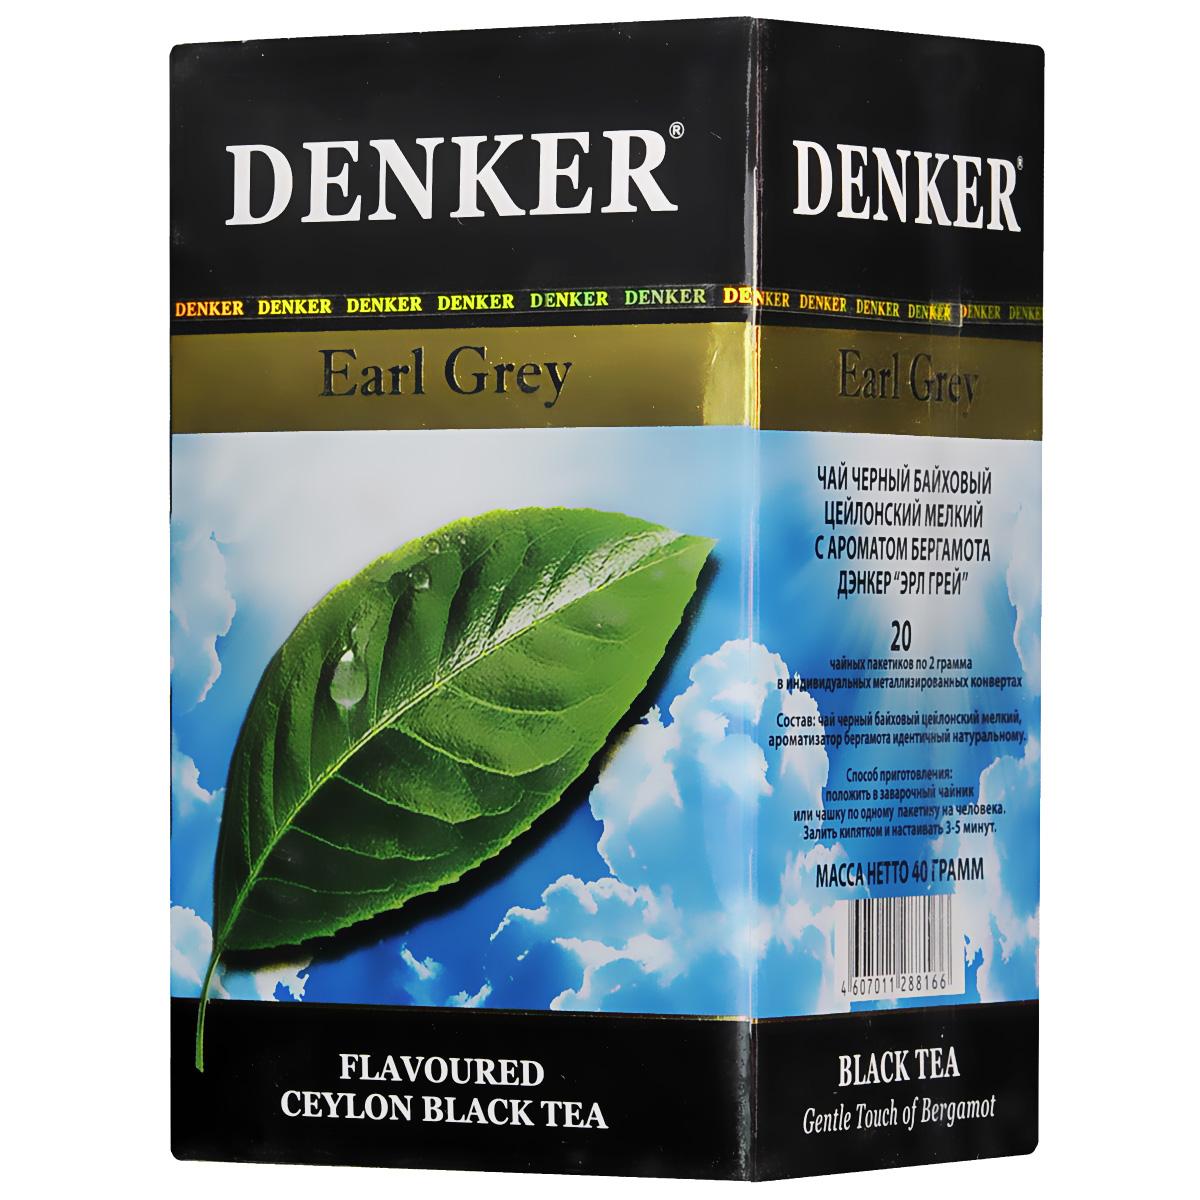 Denker Earl Grey черный ароматизированный чай в пакетиках, 20 шт1080005Чай Denker Earl Grey - это превосходно сбалансированный купаж с изысканным вкусами и тончайшим ароматом бергамота, тропического фрукта, который усиливает освежающее действие великолепного черного цейлонского чая, подчеркивая его неповторимые природные достоинства. Этот бодрящий напиток с легкими цитрусовыми нотками в послевкусии прекрасно подходит для чаепития в любое время.